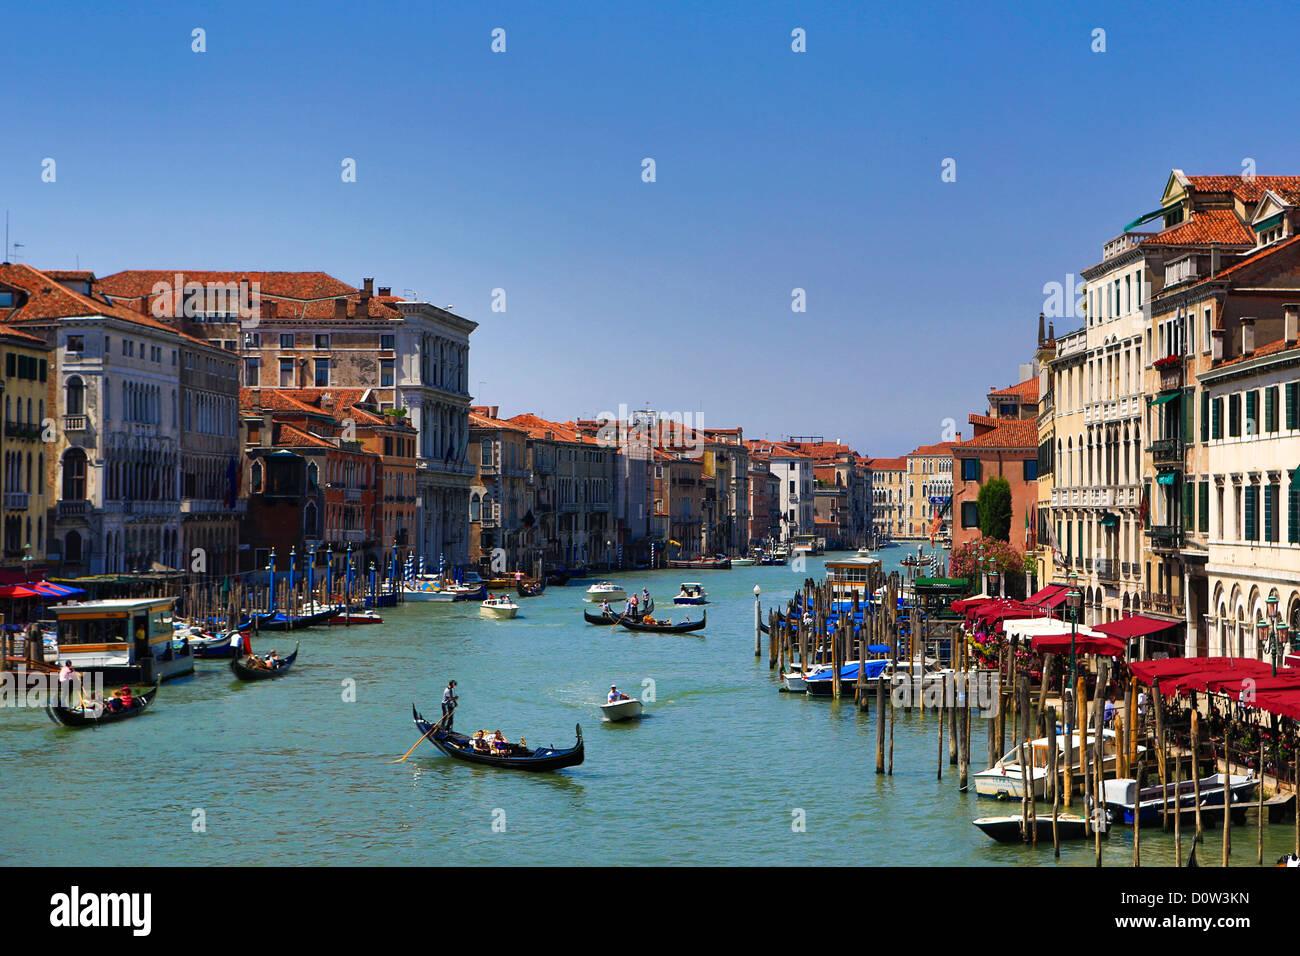 L'Italie, l'Europe, voyage, Venise, le Grand Canal, bateaux, gondola, le tourisme, l'Unesco, Photo Stock